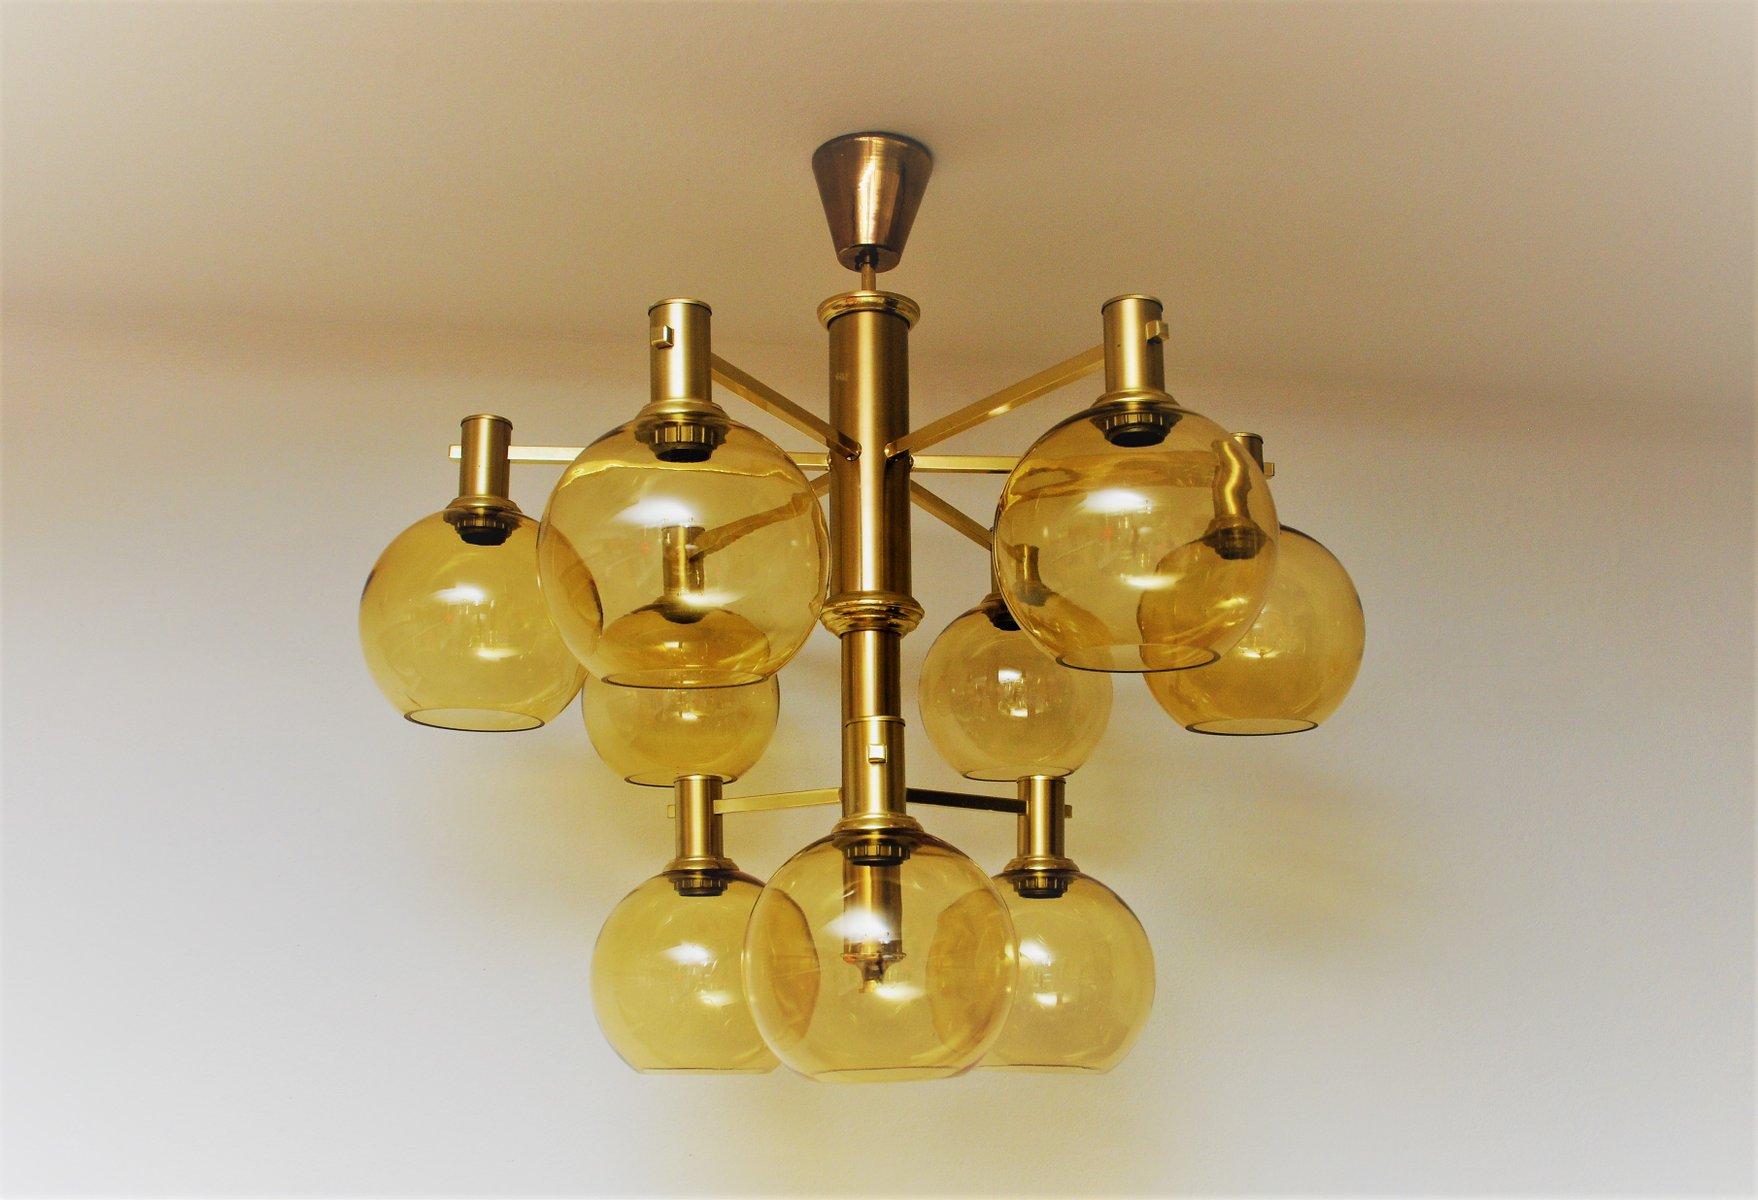 Große schwedische Vintage Deckenlampe aus Messing & Glas, 1960er